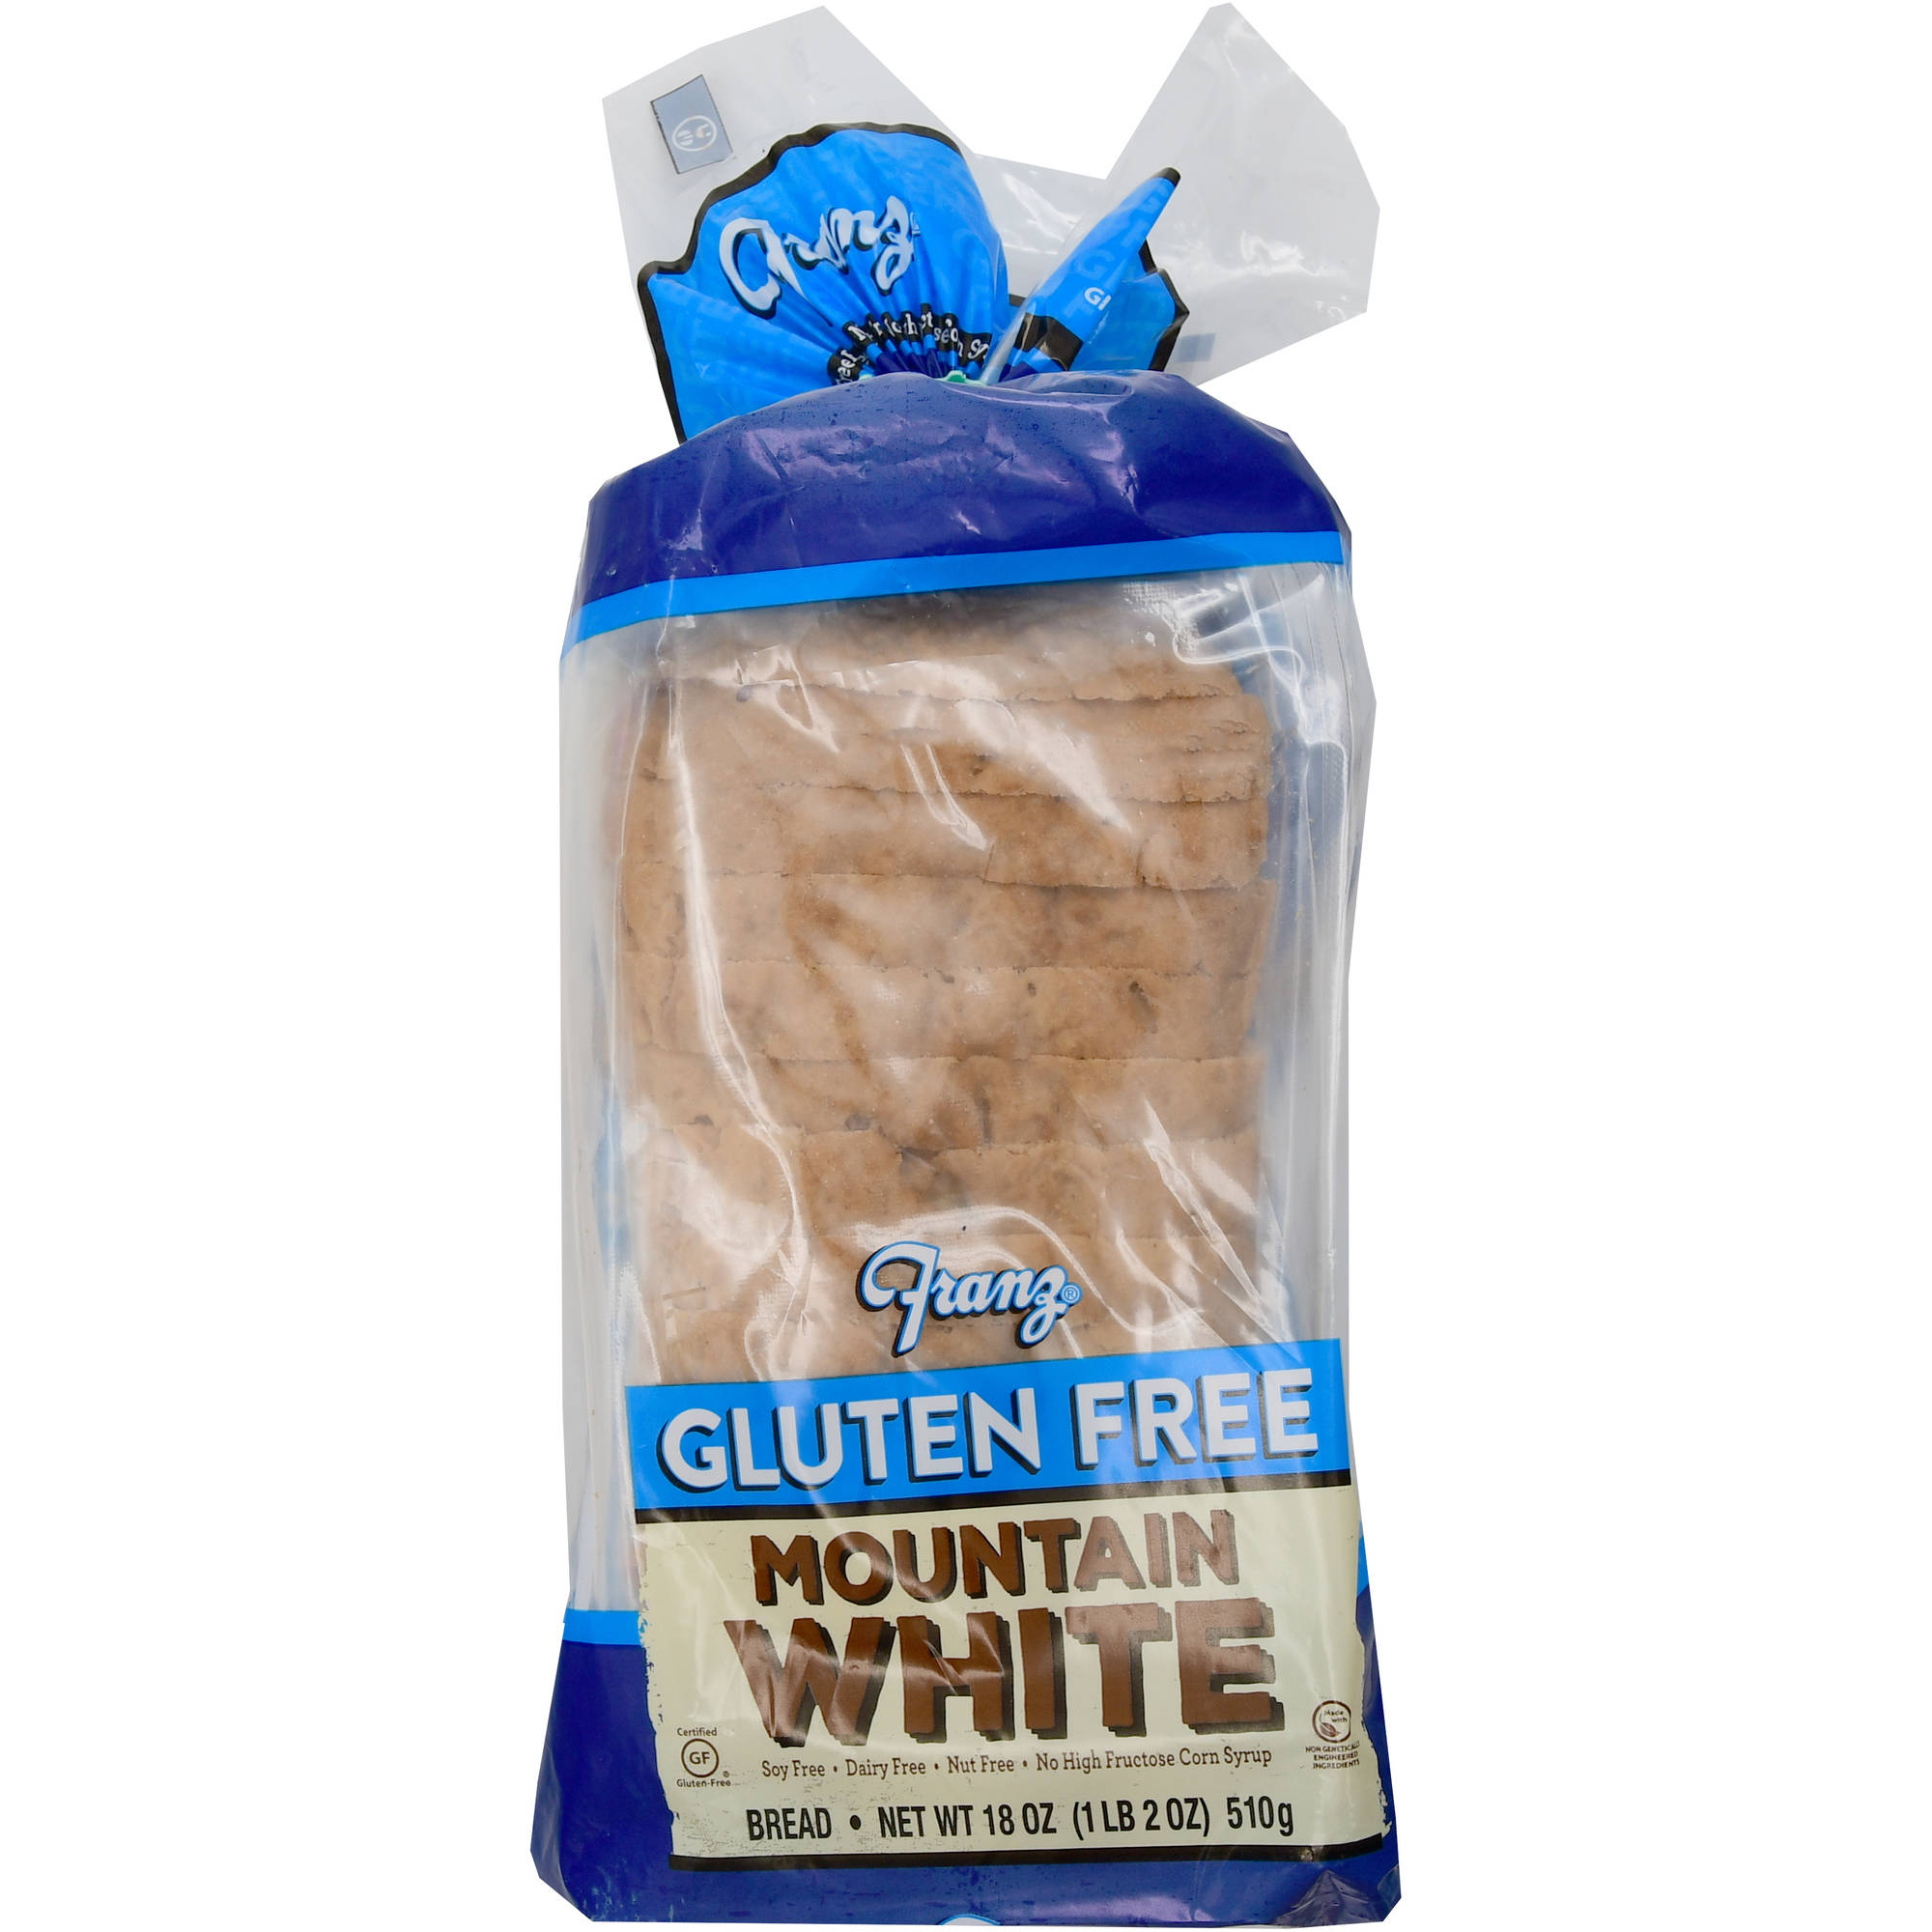 Bakehouse Franz Gluten Free Mountain White Bread 18 oz Walmartcom